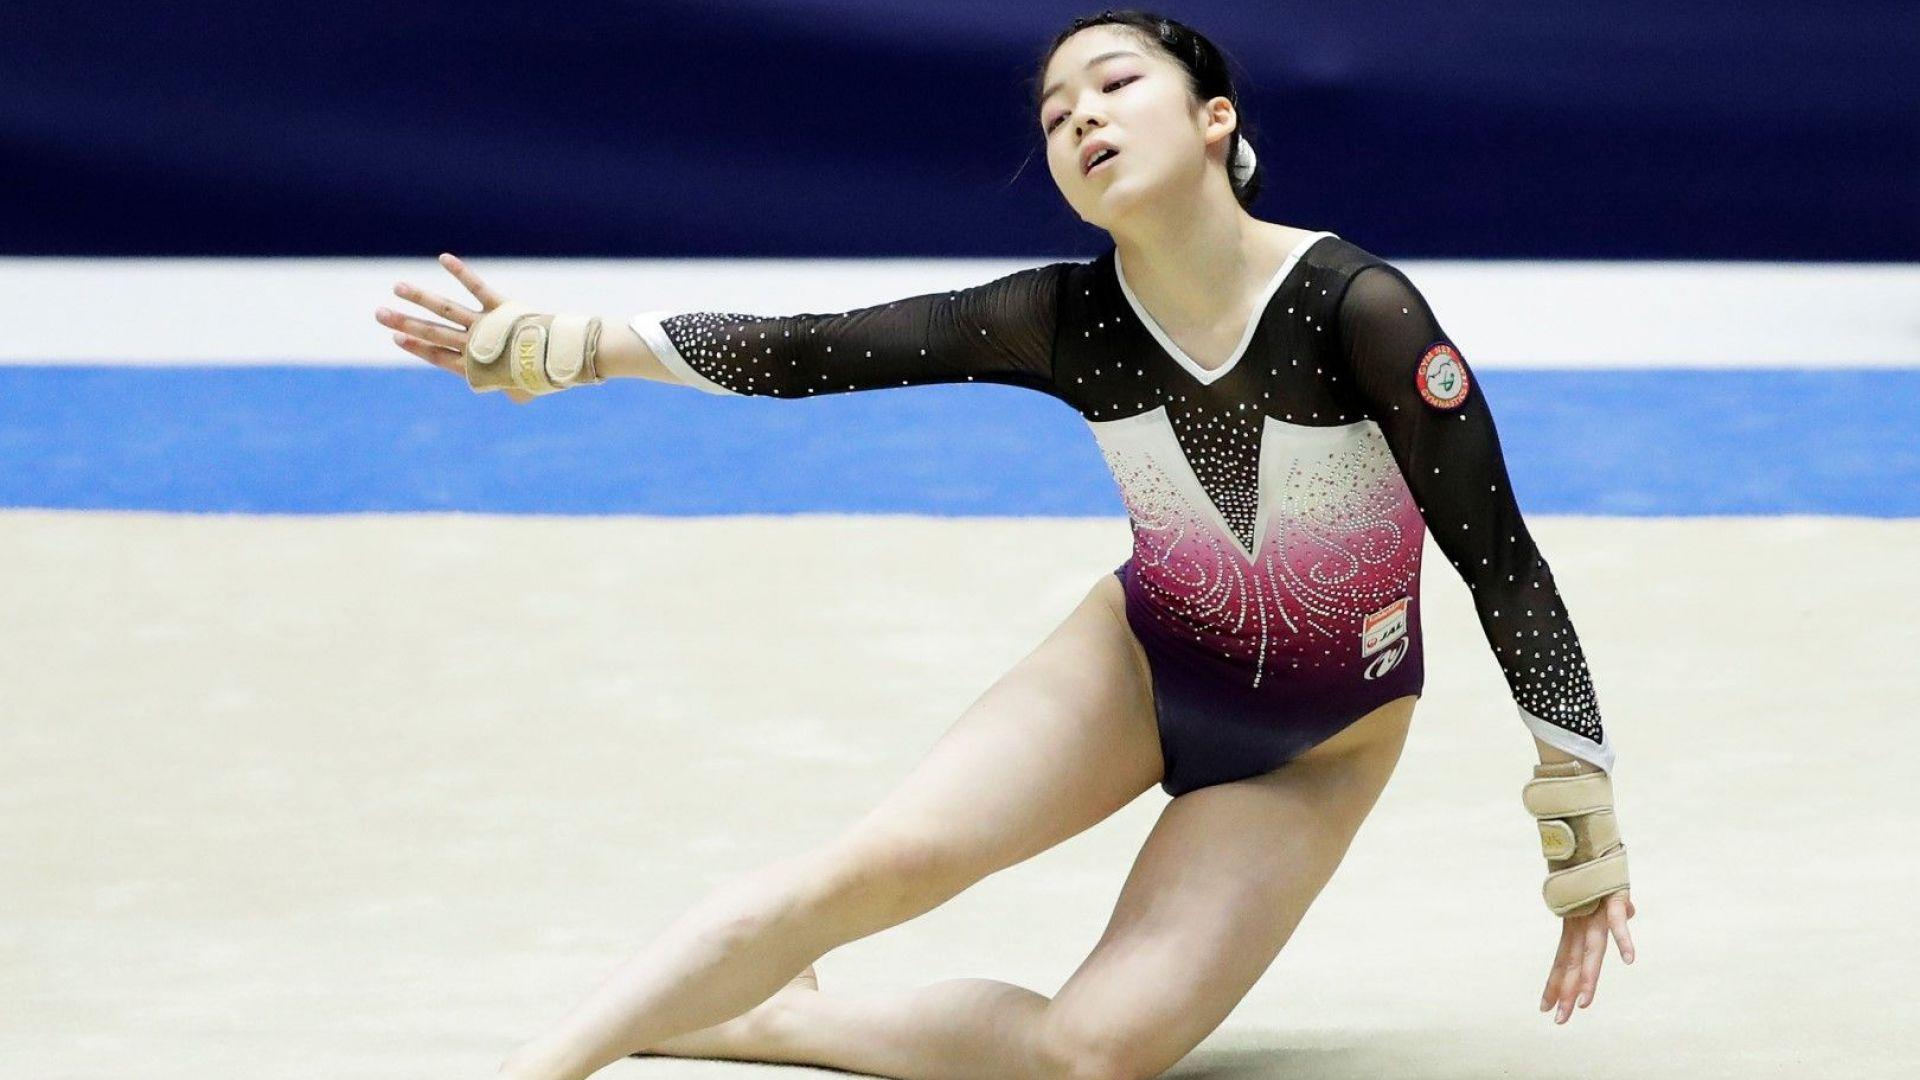 Задава се огромен скандал в Япония заради бой, обиди и сексуален тормоз над спортисти